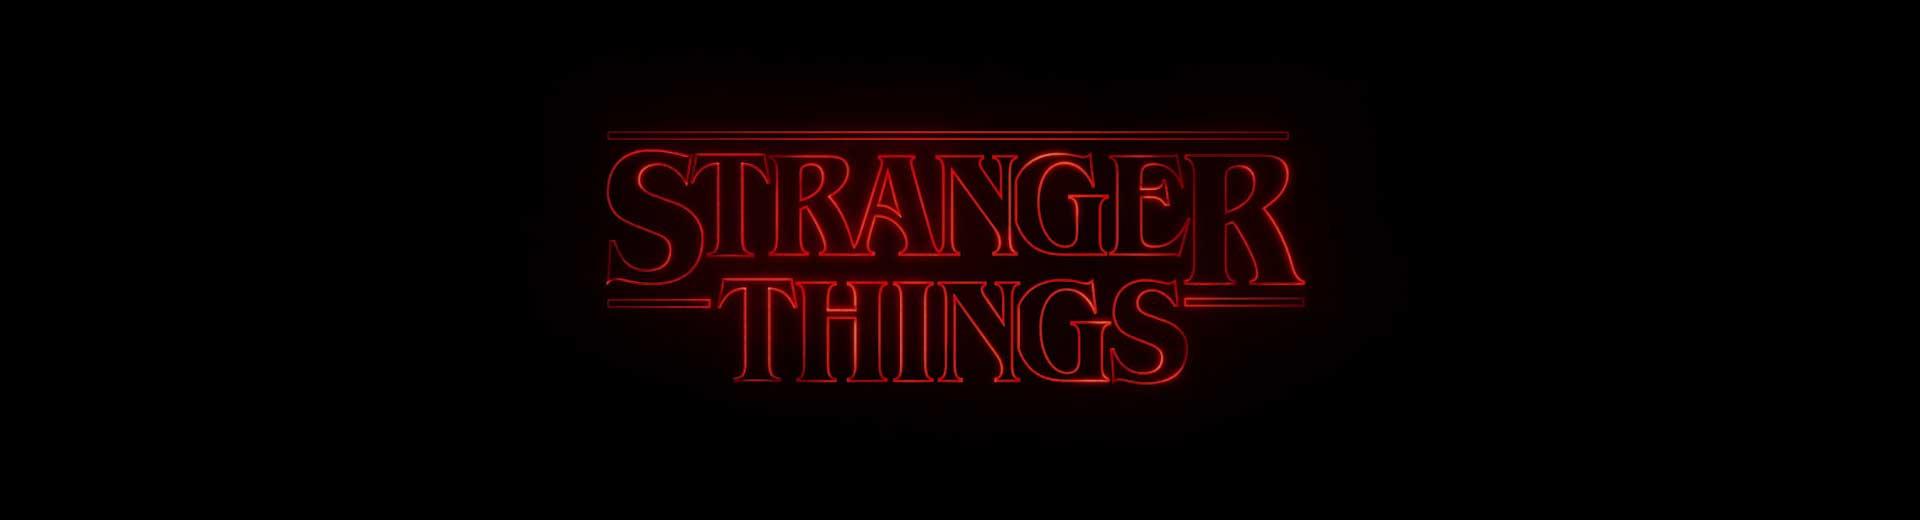 stranger-things-header.jpg